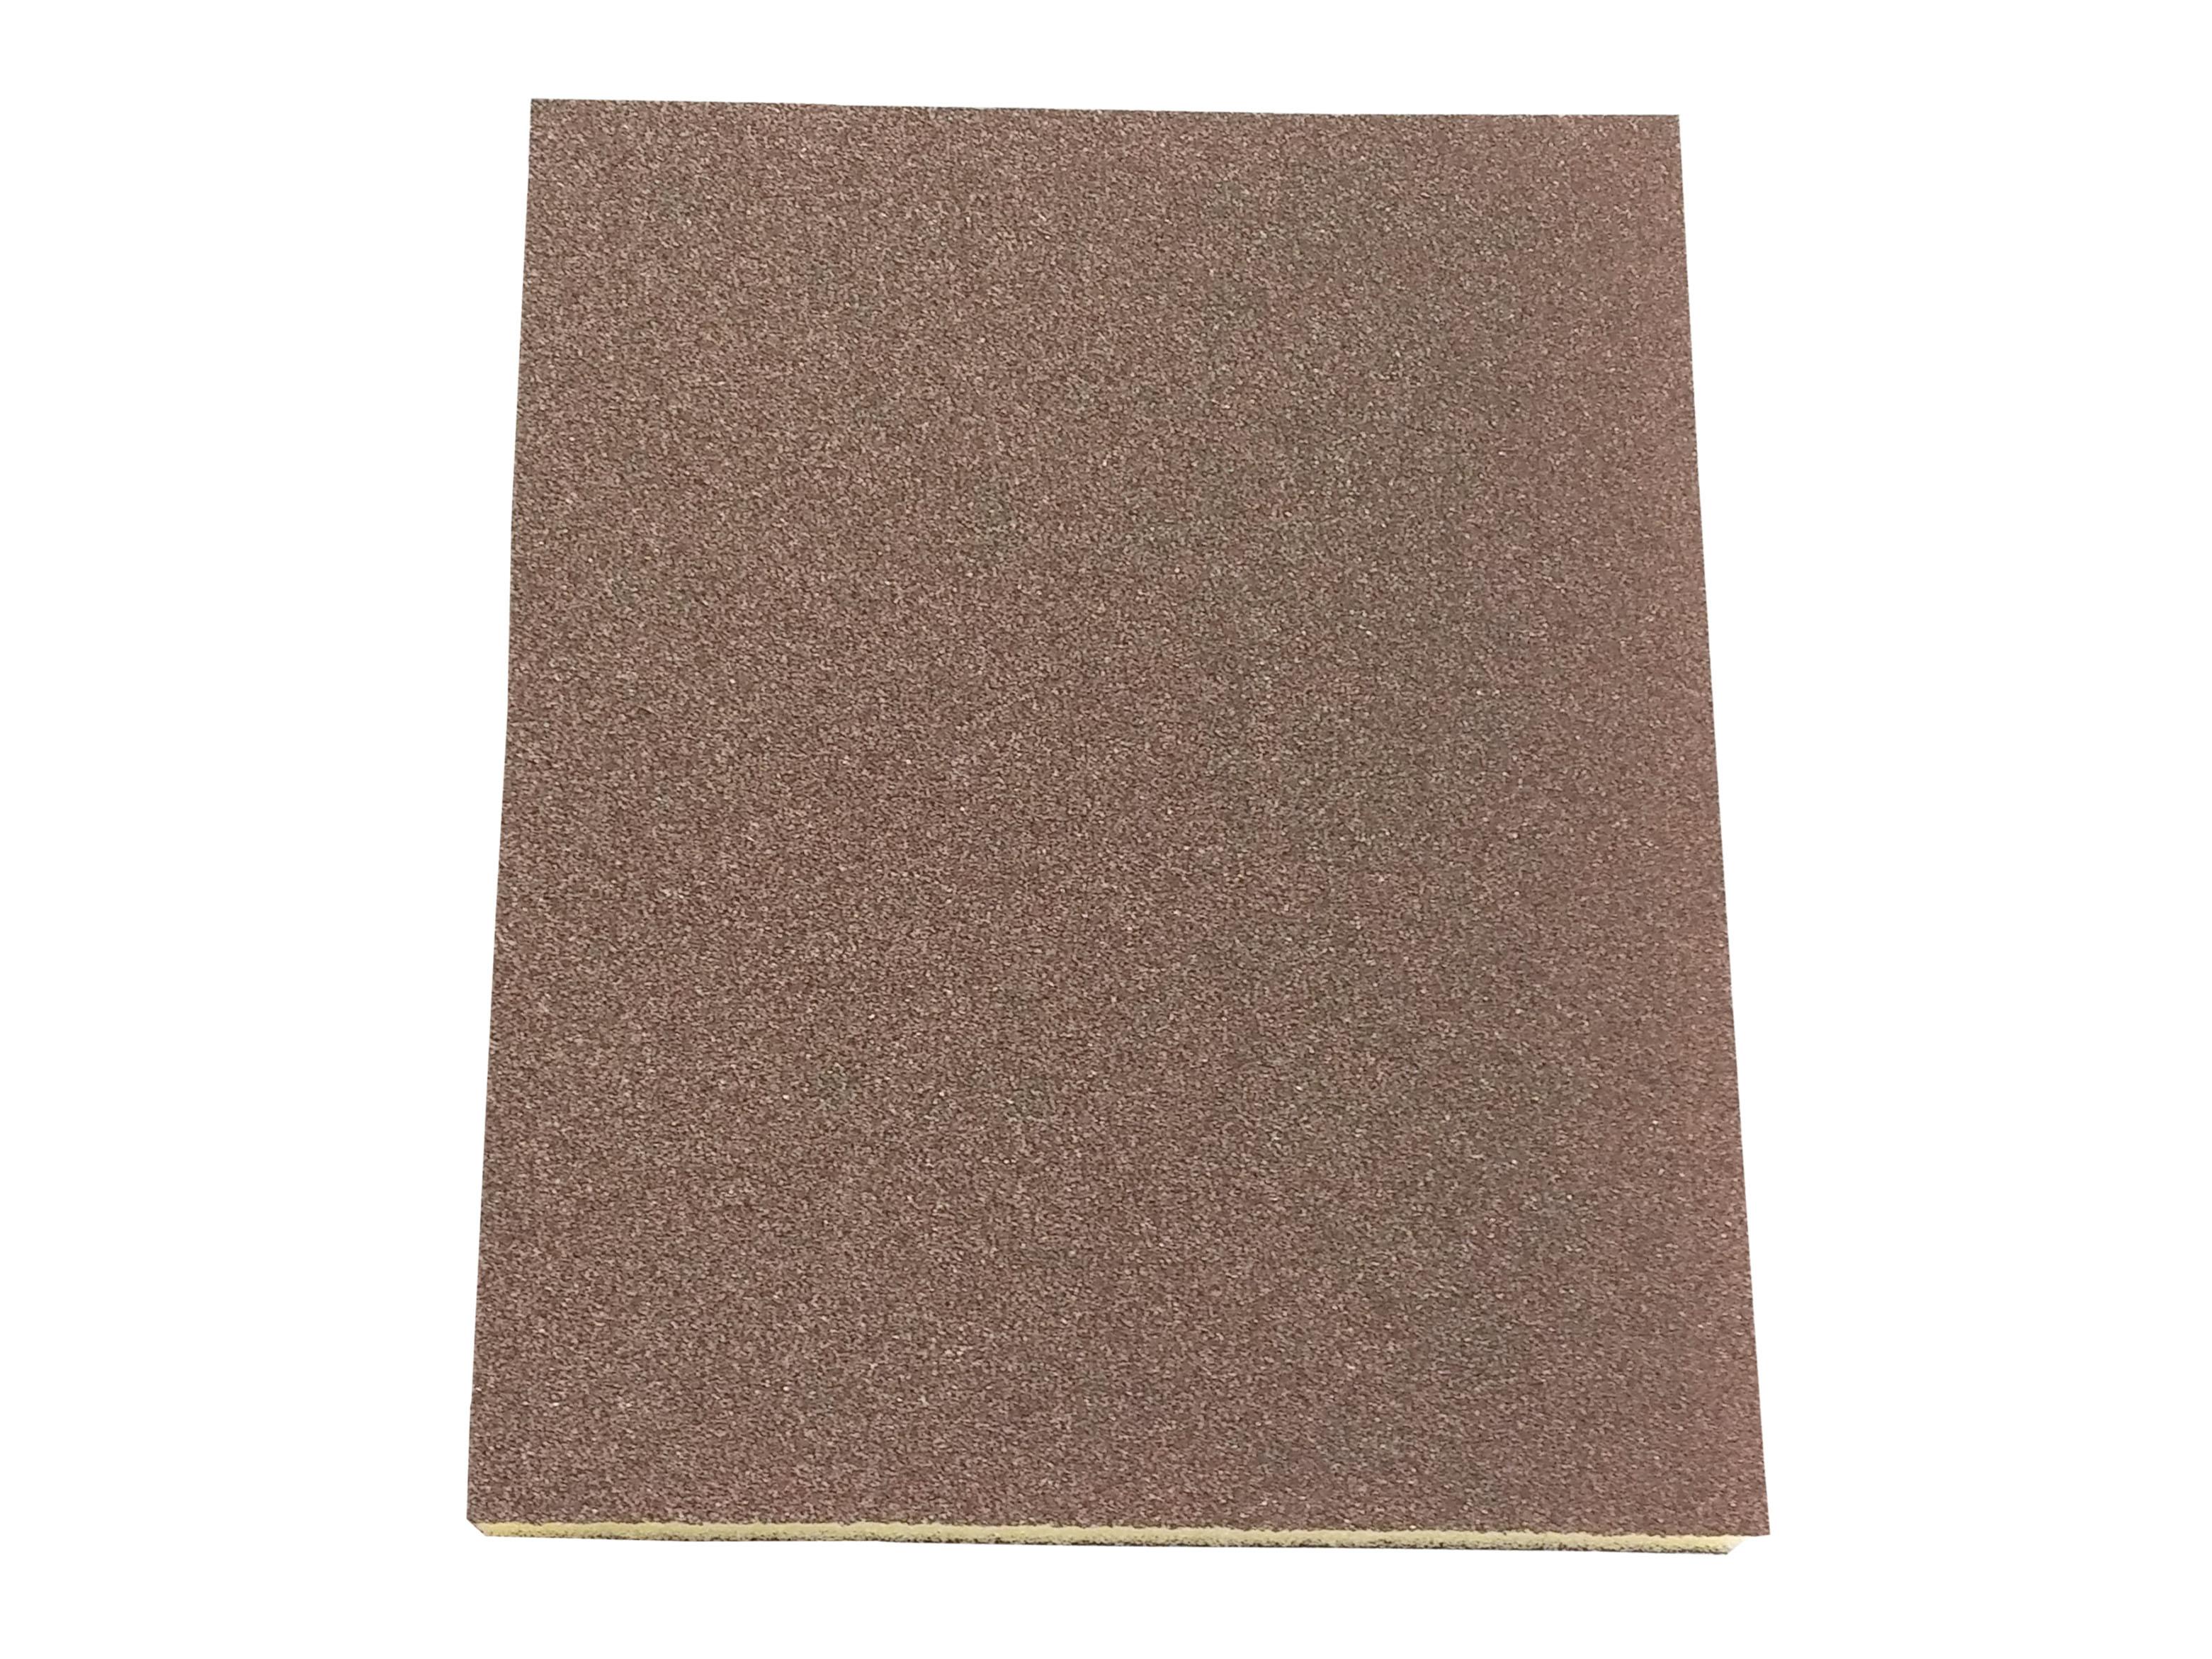 20 Pack, Very Fine High Flex Contour Sanding Pad Sponges